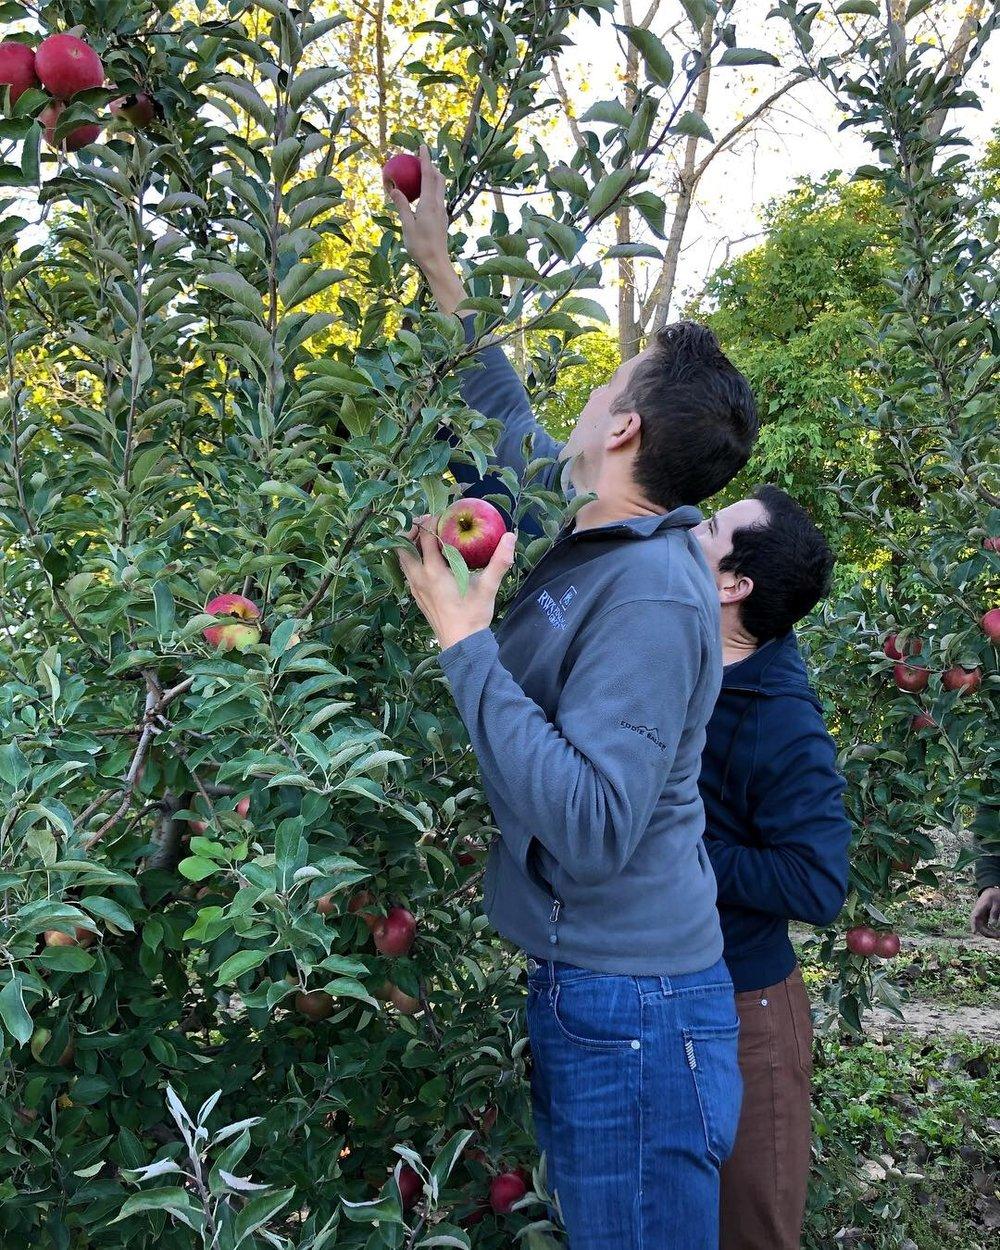 picking apples.jpg